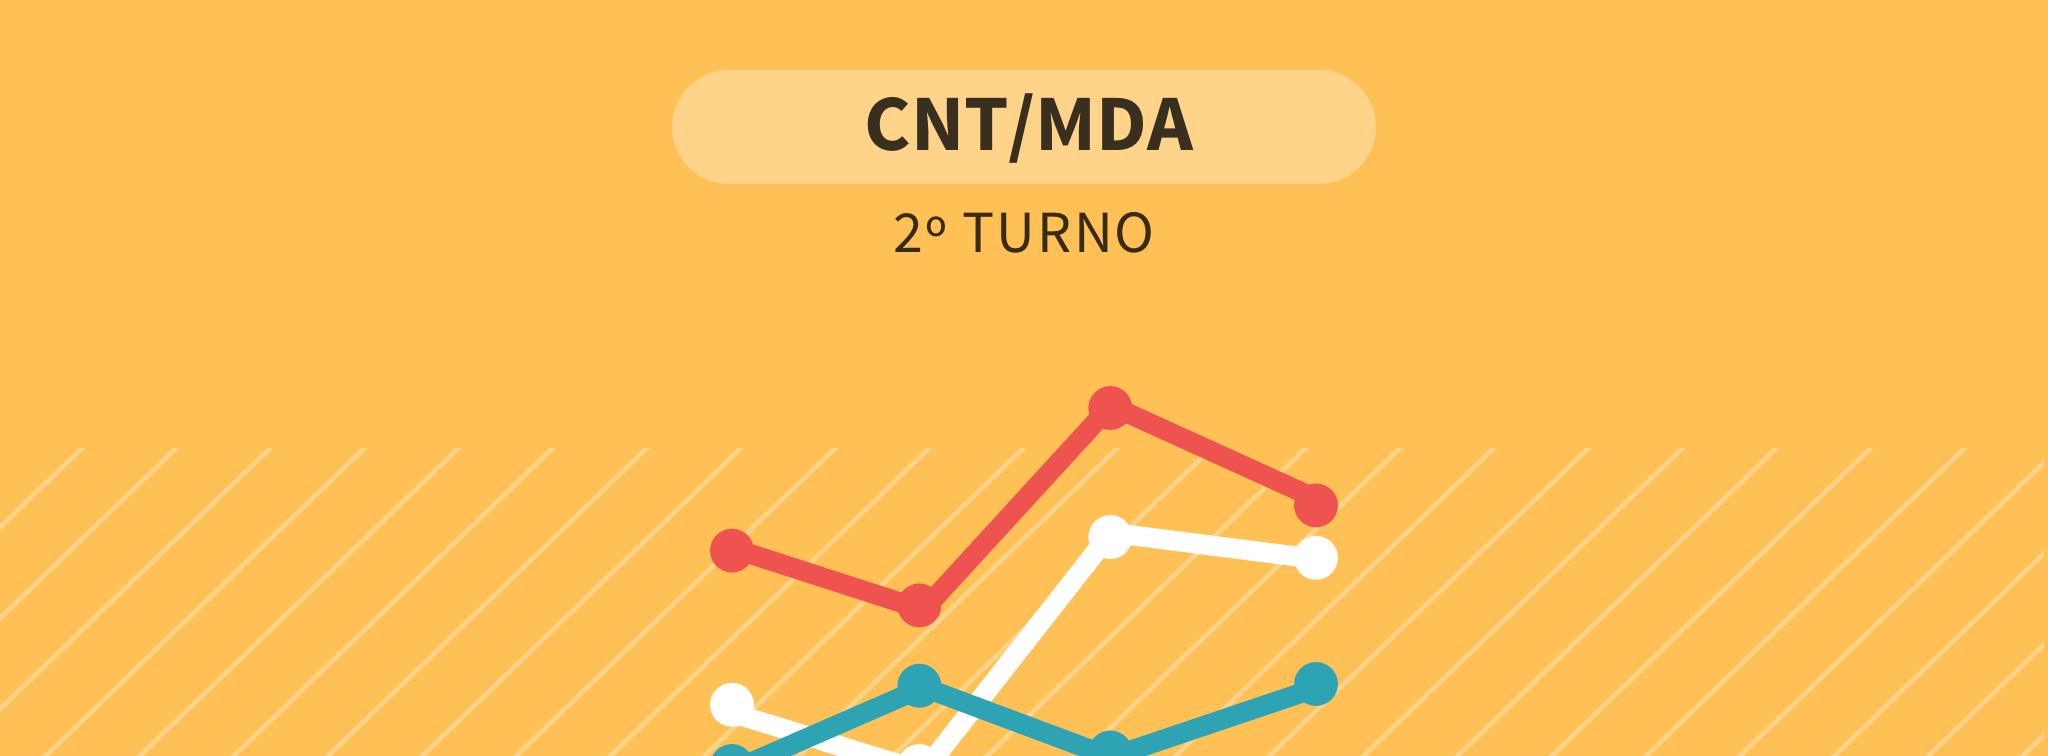 Tem Na Web - Última pesquisa CNT/MDA: Bolsonaro tem 56,8% dos votos válidos, contra 43,2% de Haddad - Eleições 2018